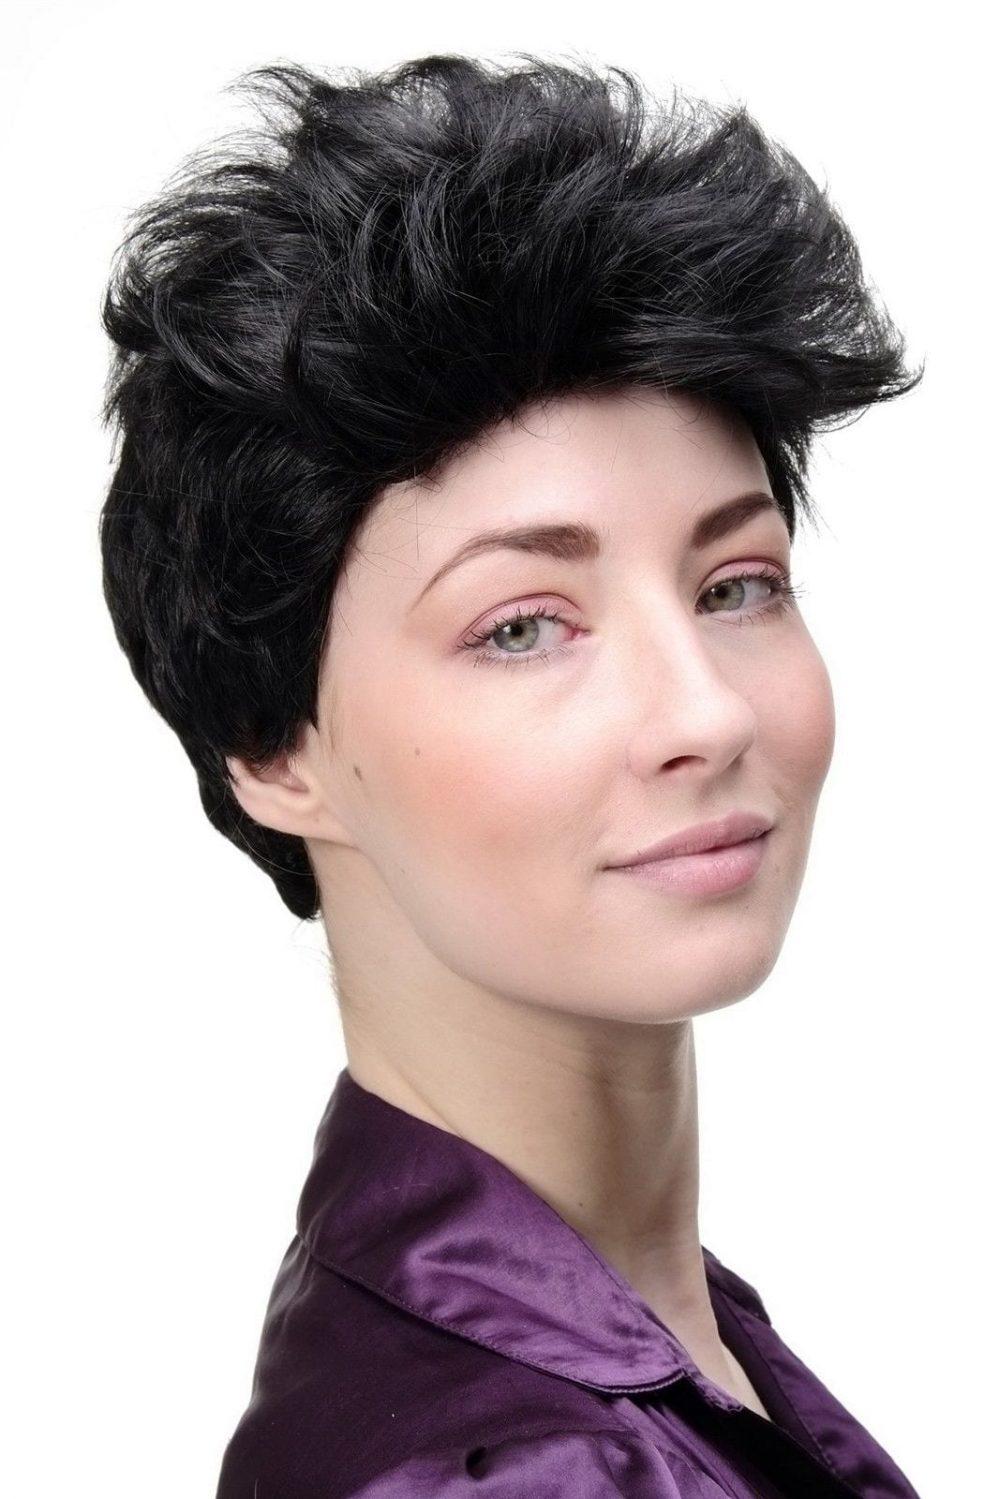 Wig Me Up Perruque pour Femme Coiffure Courte Cheveux Kess Noir GFW1645  Prix : 9.99  Termine le : 2018-11-19 10:42:27  Vu sur eBay  …